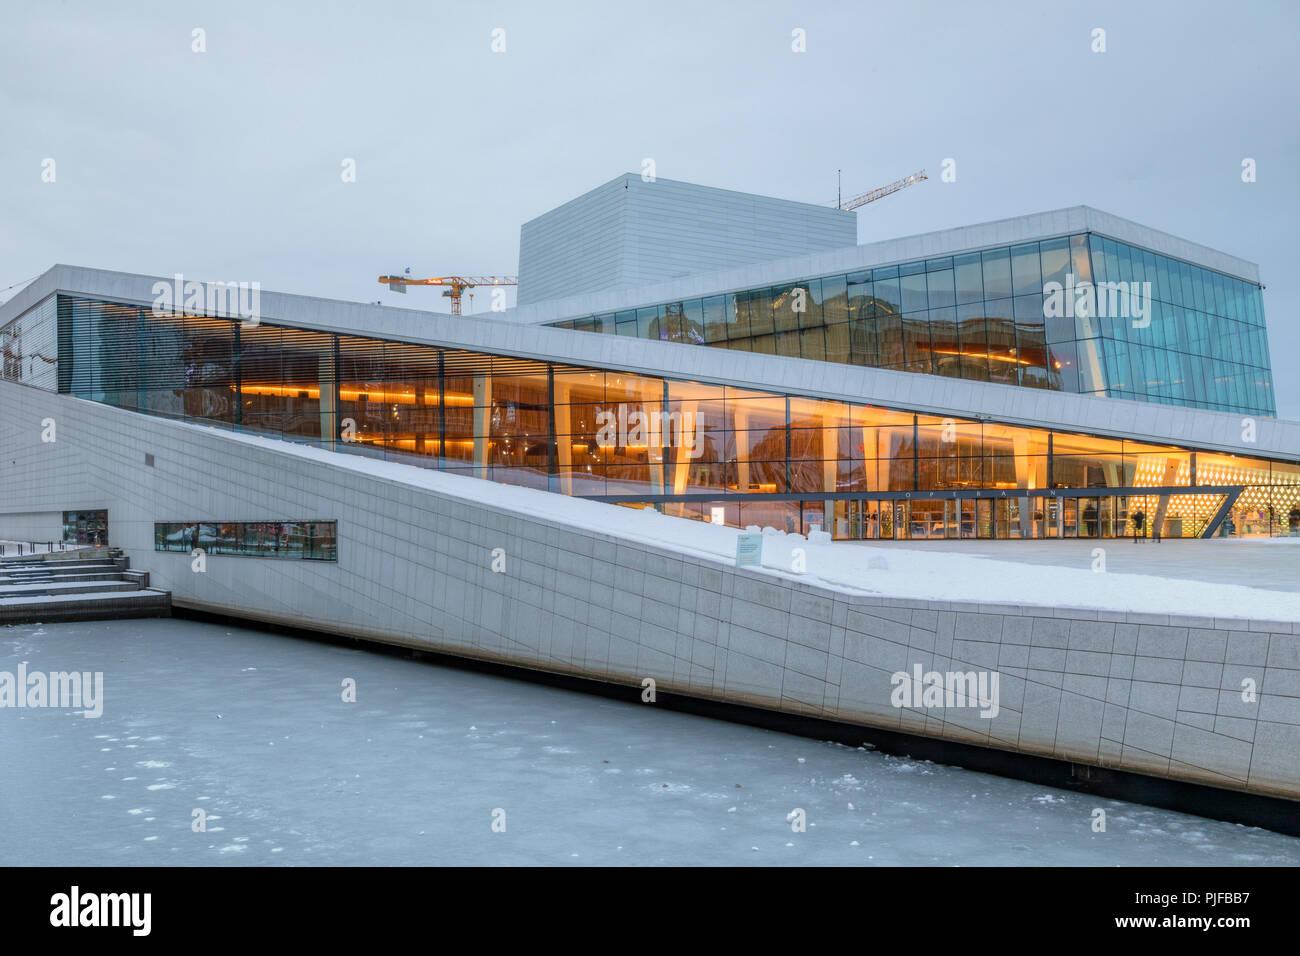 Oslo, Opera House, Norway, Europe - Stock Image